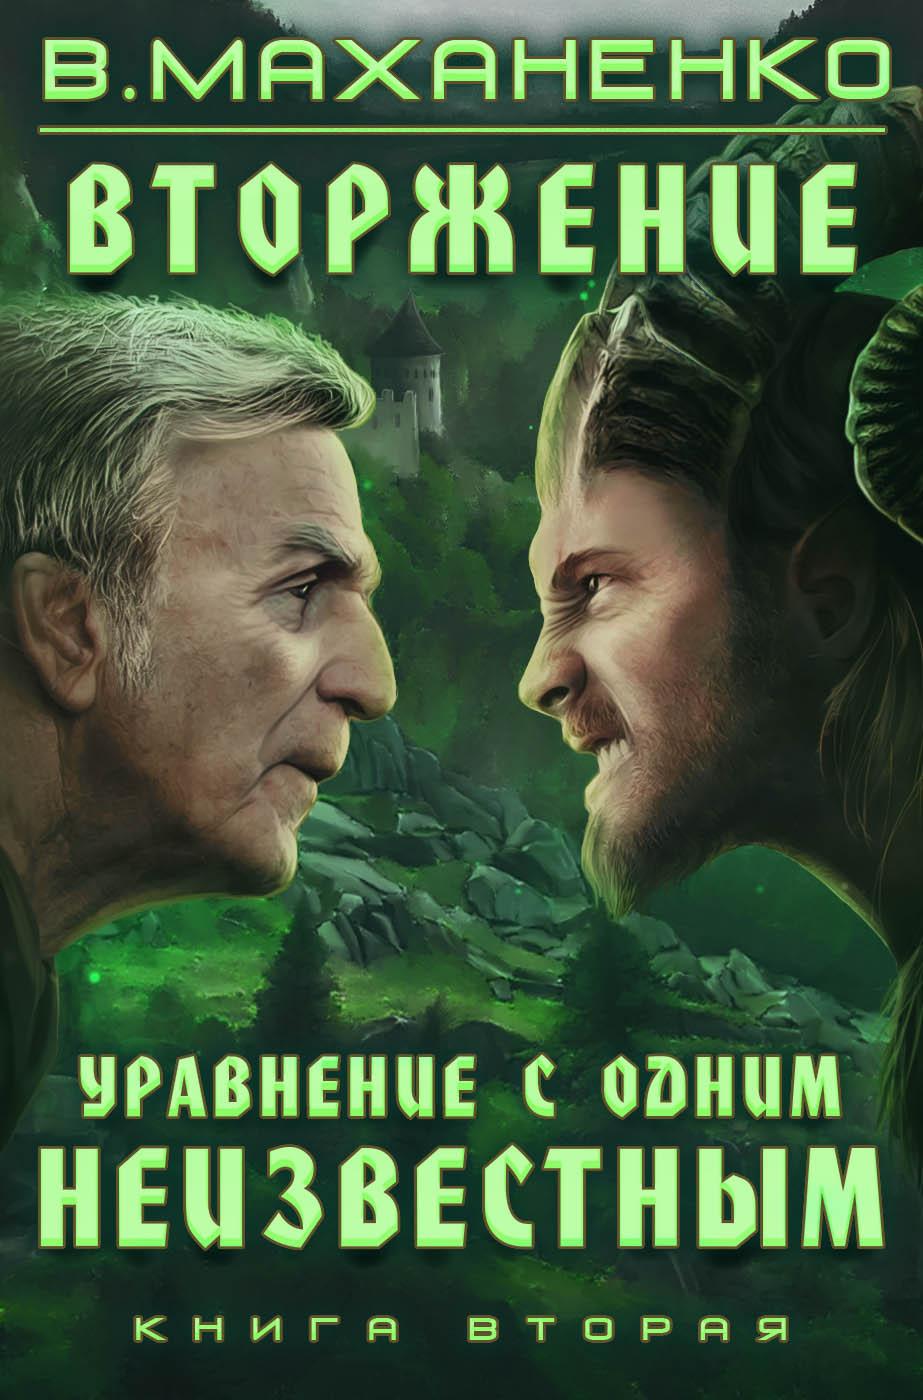 Купить книгу Вторжение. Книга 2. Уравнение с одним неизвестным, автора Василия Маханенко